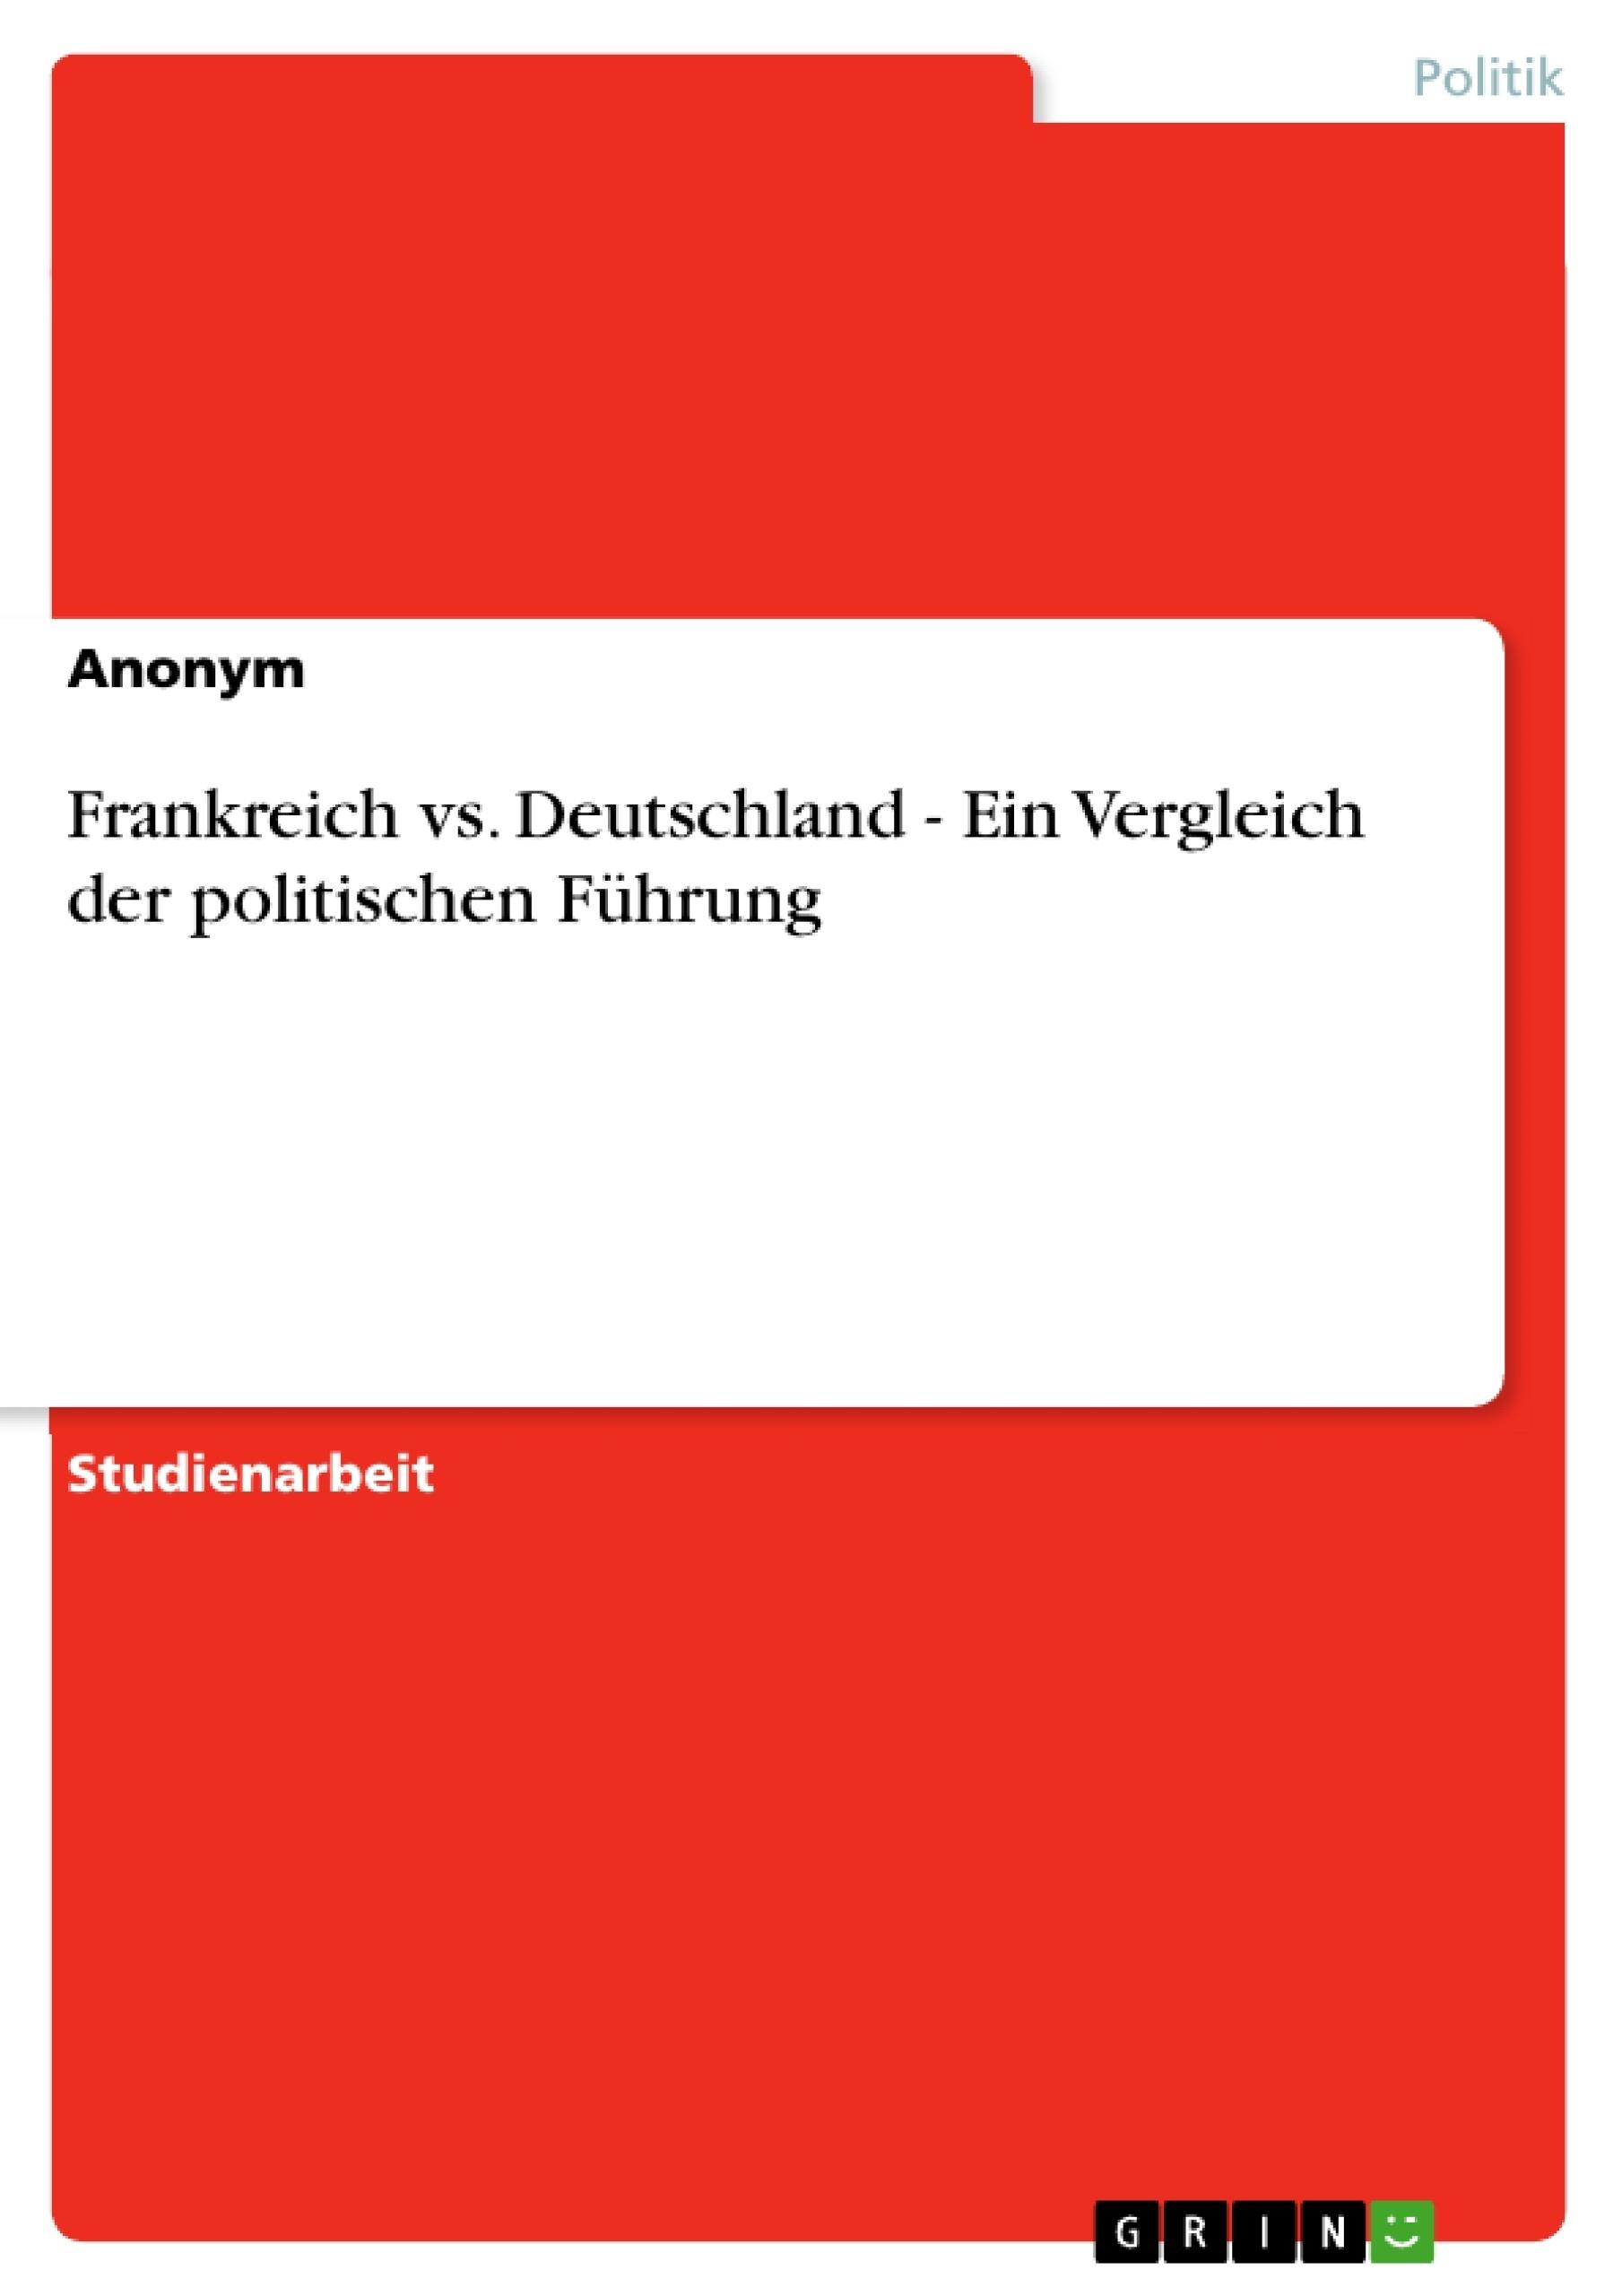 Titel: Frankreich vs. Deutschland - Ein Vergleich der politischen Führung